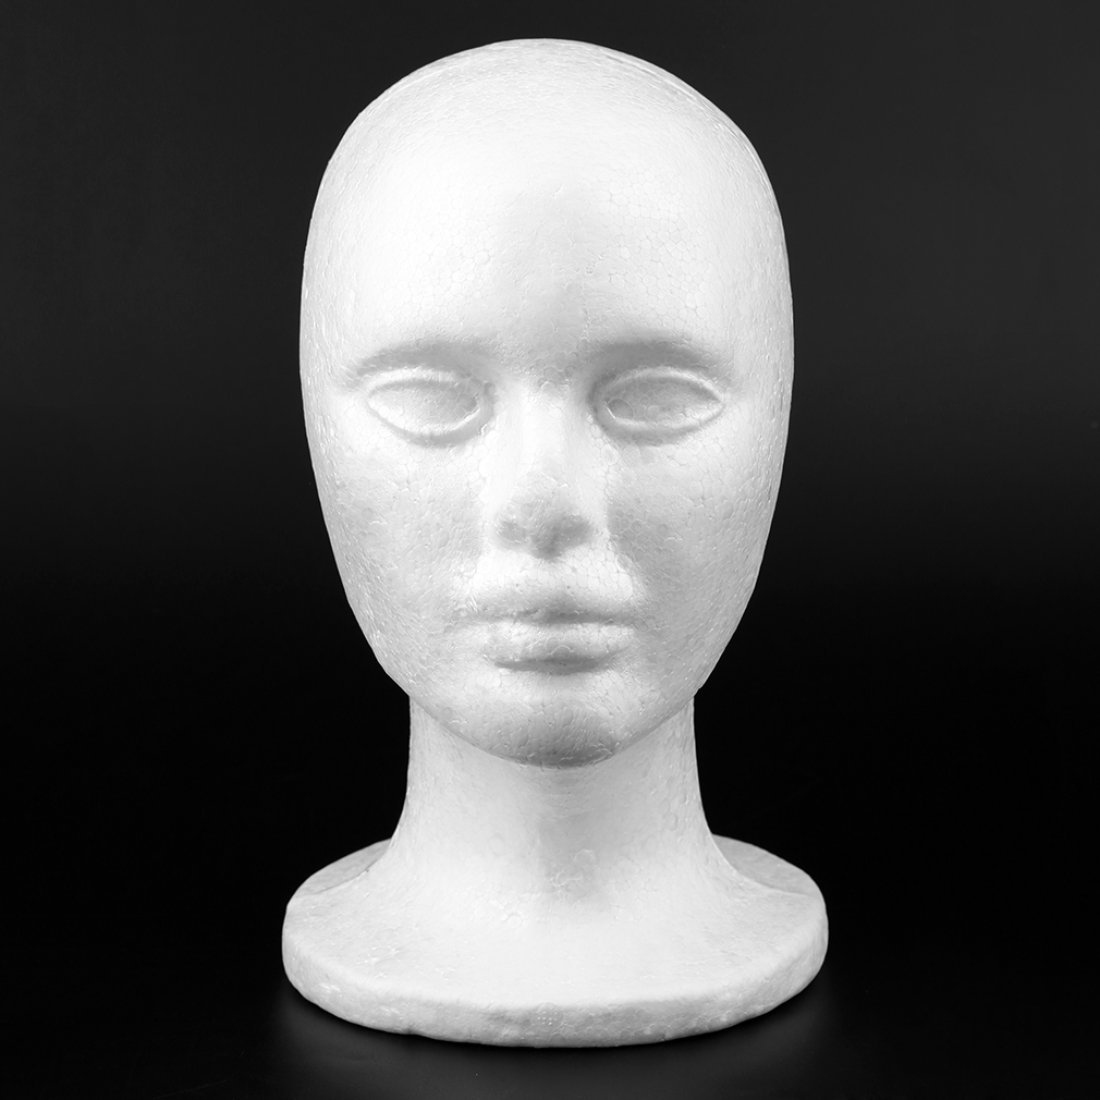 Uomo Maschile Corto Tipo Mannequin Testa Modello Parrucca Cappello Occhiali Cappellini Visualizza Bubble Mannequin Head Bianco Formulaone